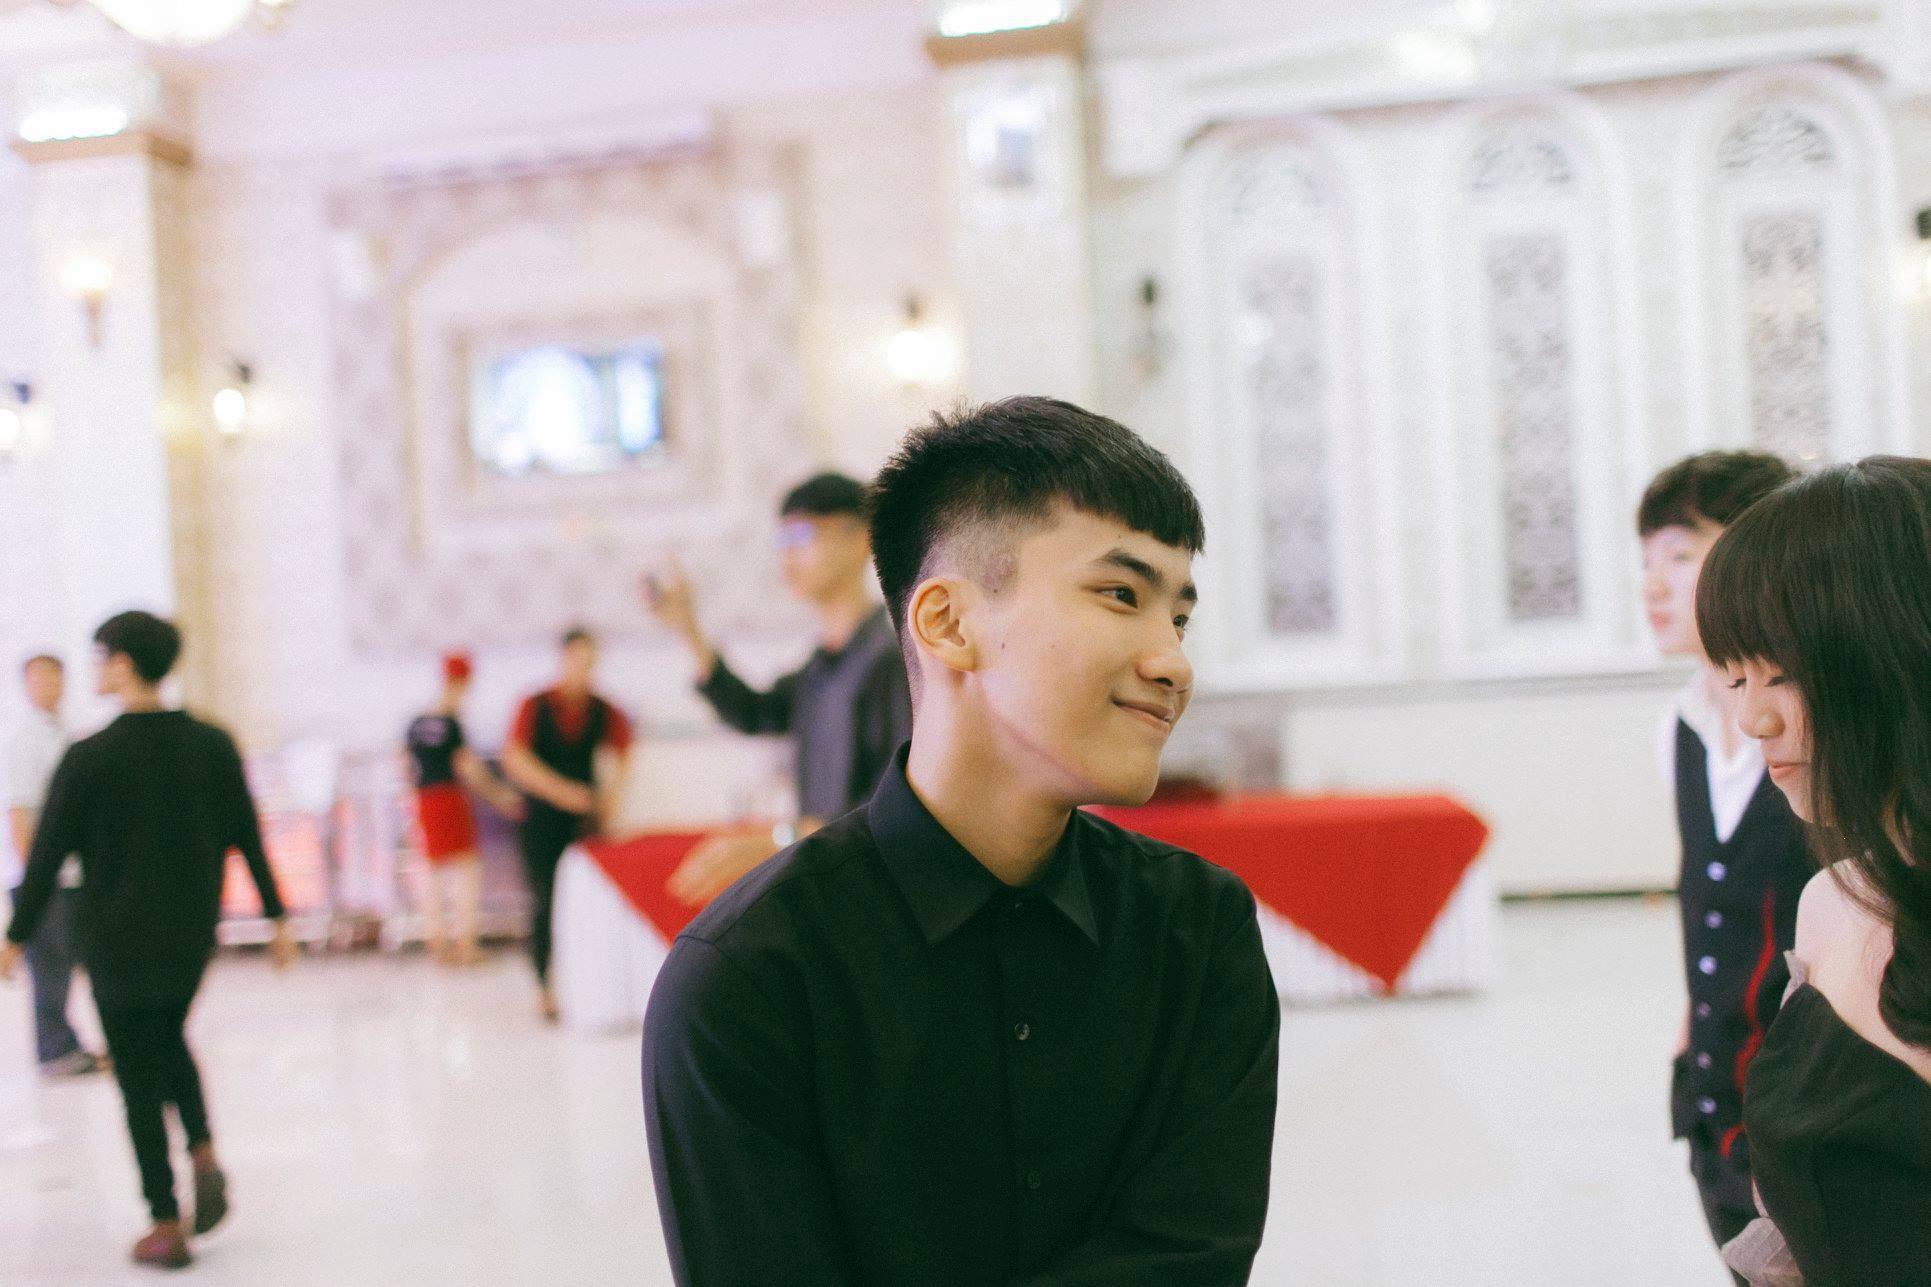 Không chỉ RMIT, trường chuyên phố núi Kon Tum cũng khiến chúng ta đã mắt với dàn trai xinh gái đẹp trong tiệc prom - Ảnh 8.